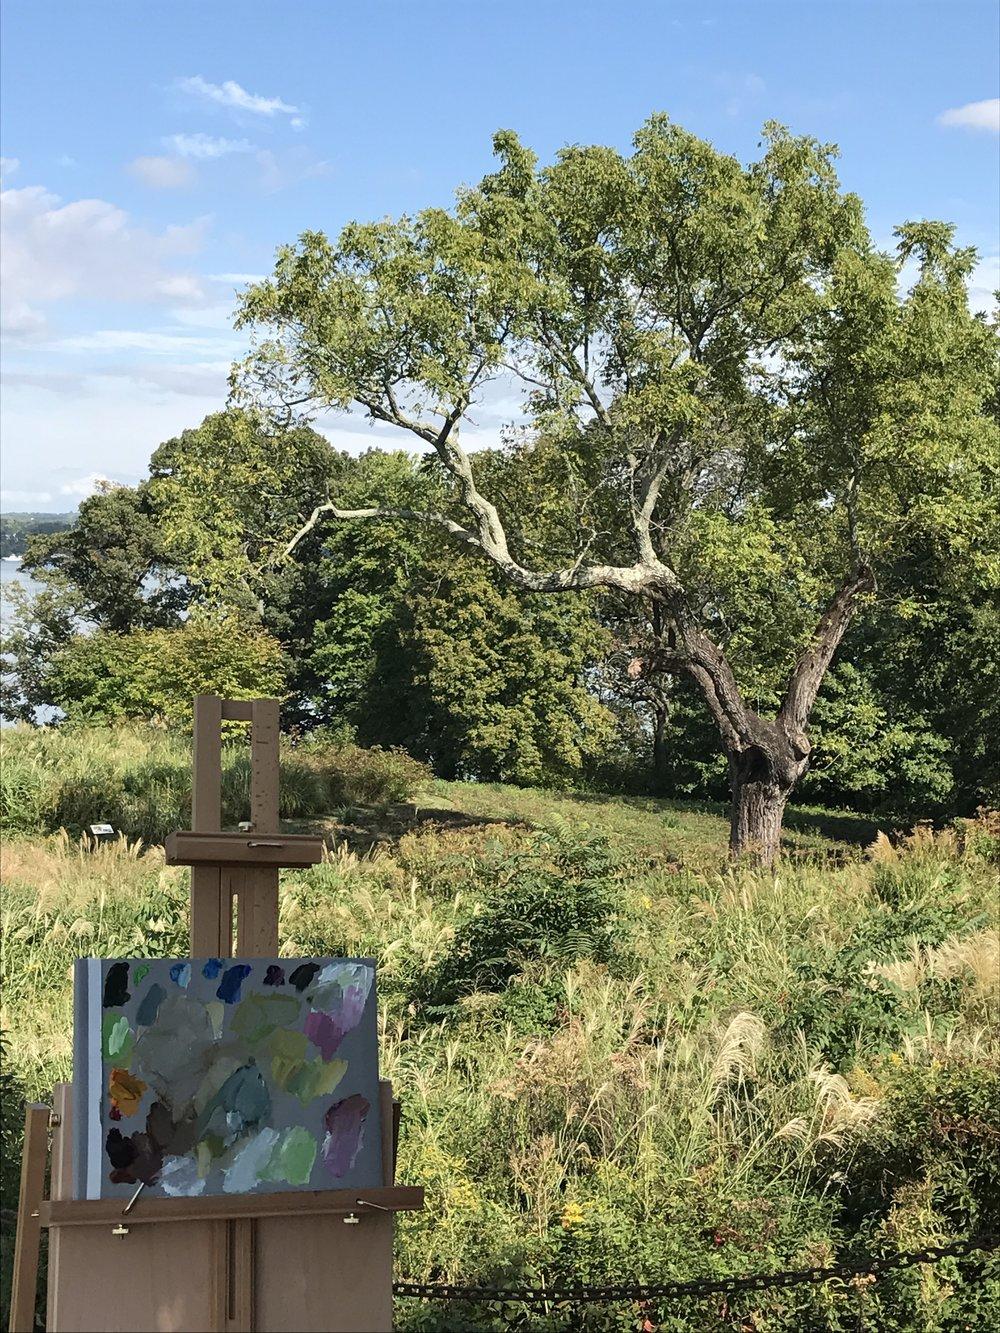 Plein Air painting at AHS River Farm in Alexandria, Virginia.